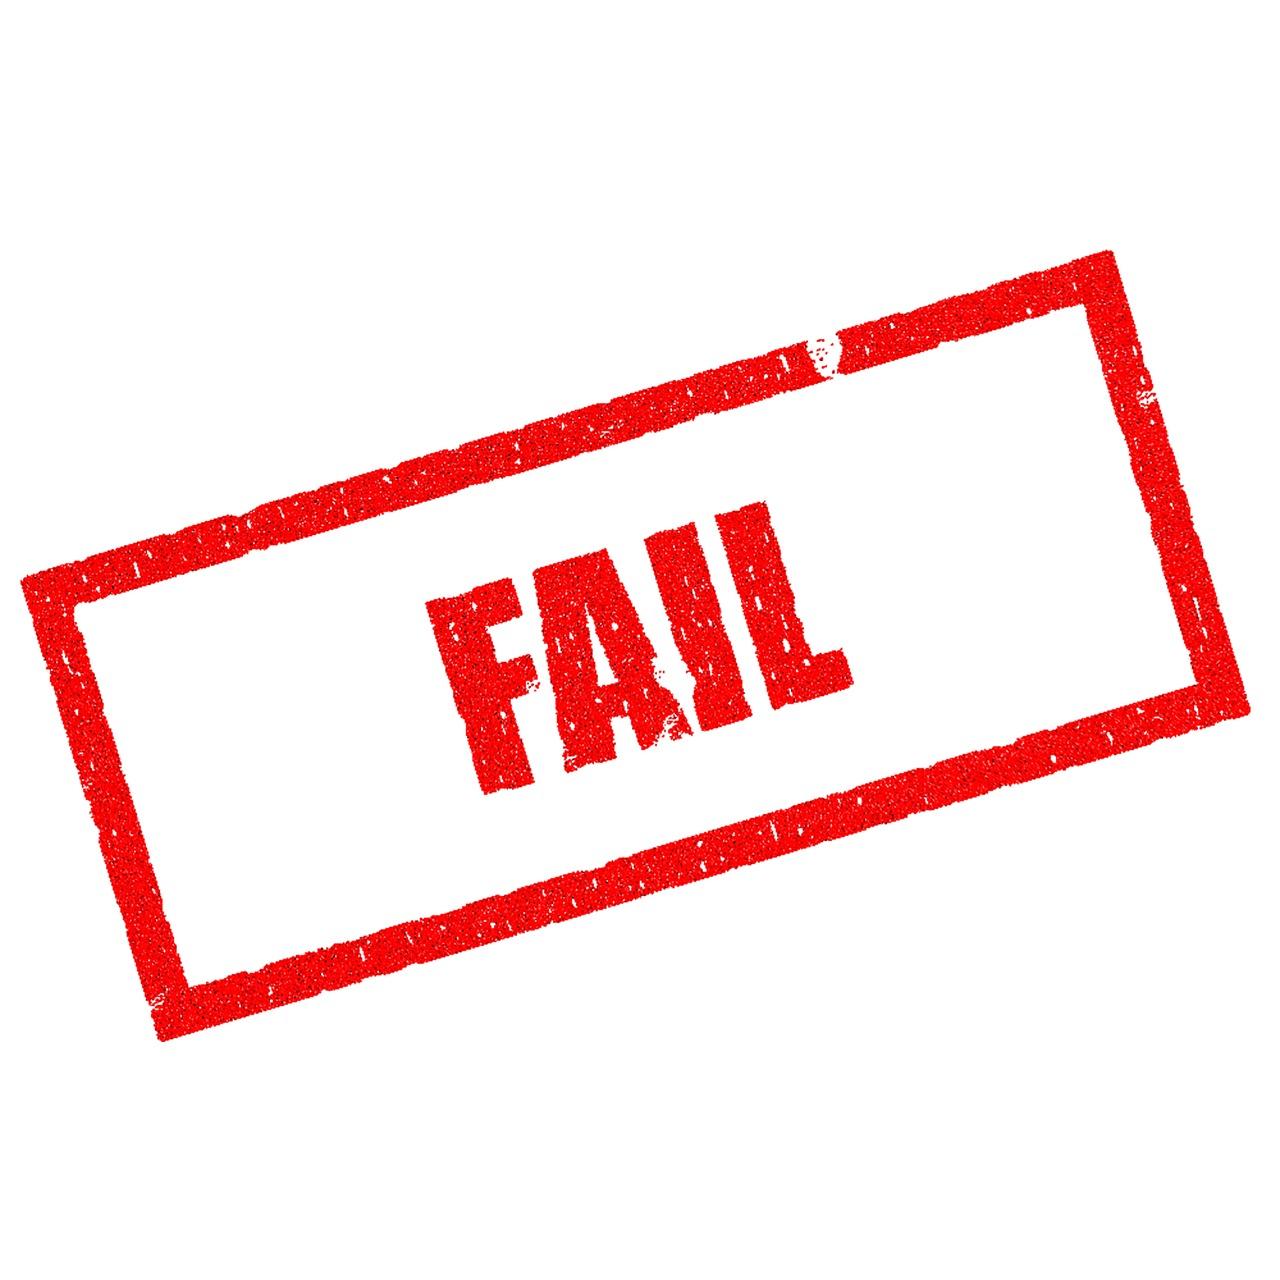 Fail Verlieren Andernfalls Fehler Geschäft Krise